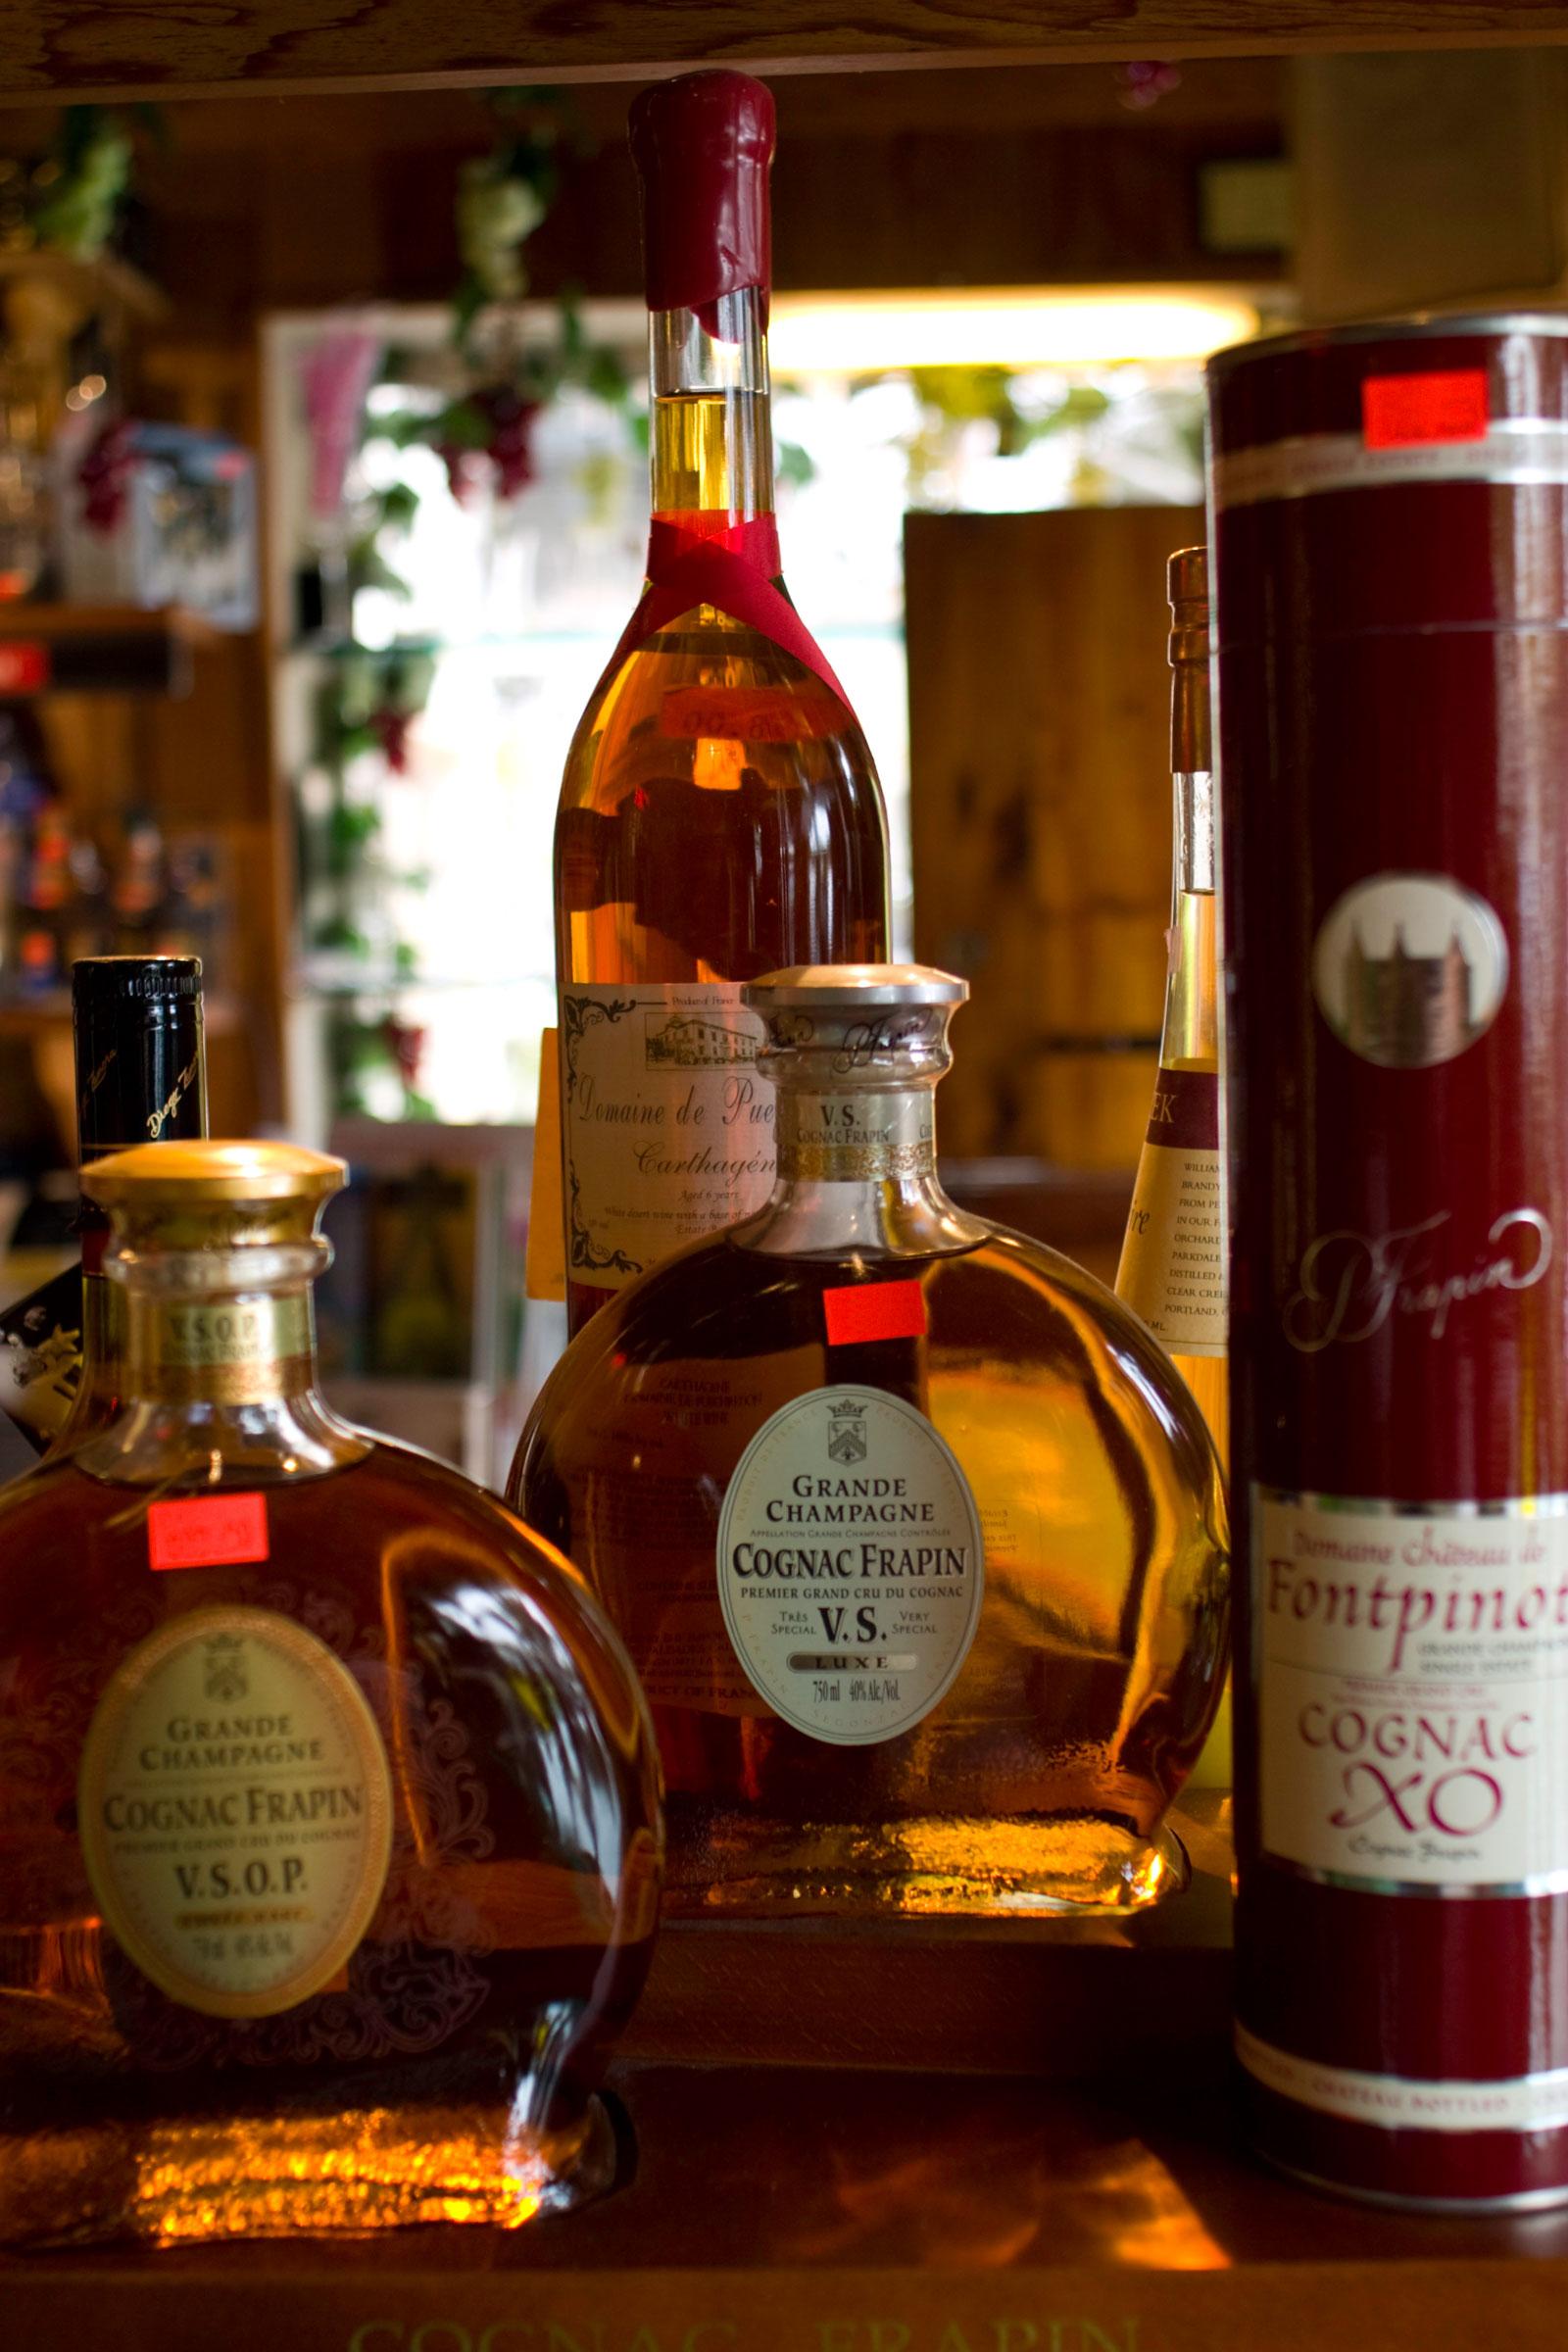 Special Cognac Brands